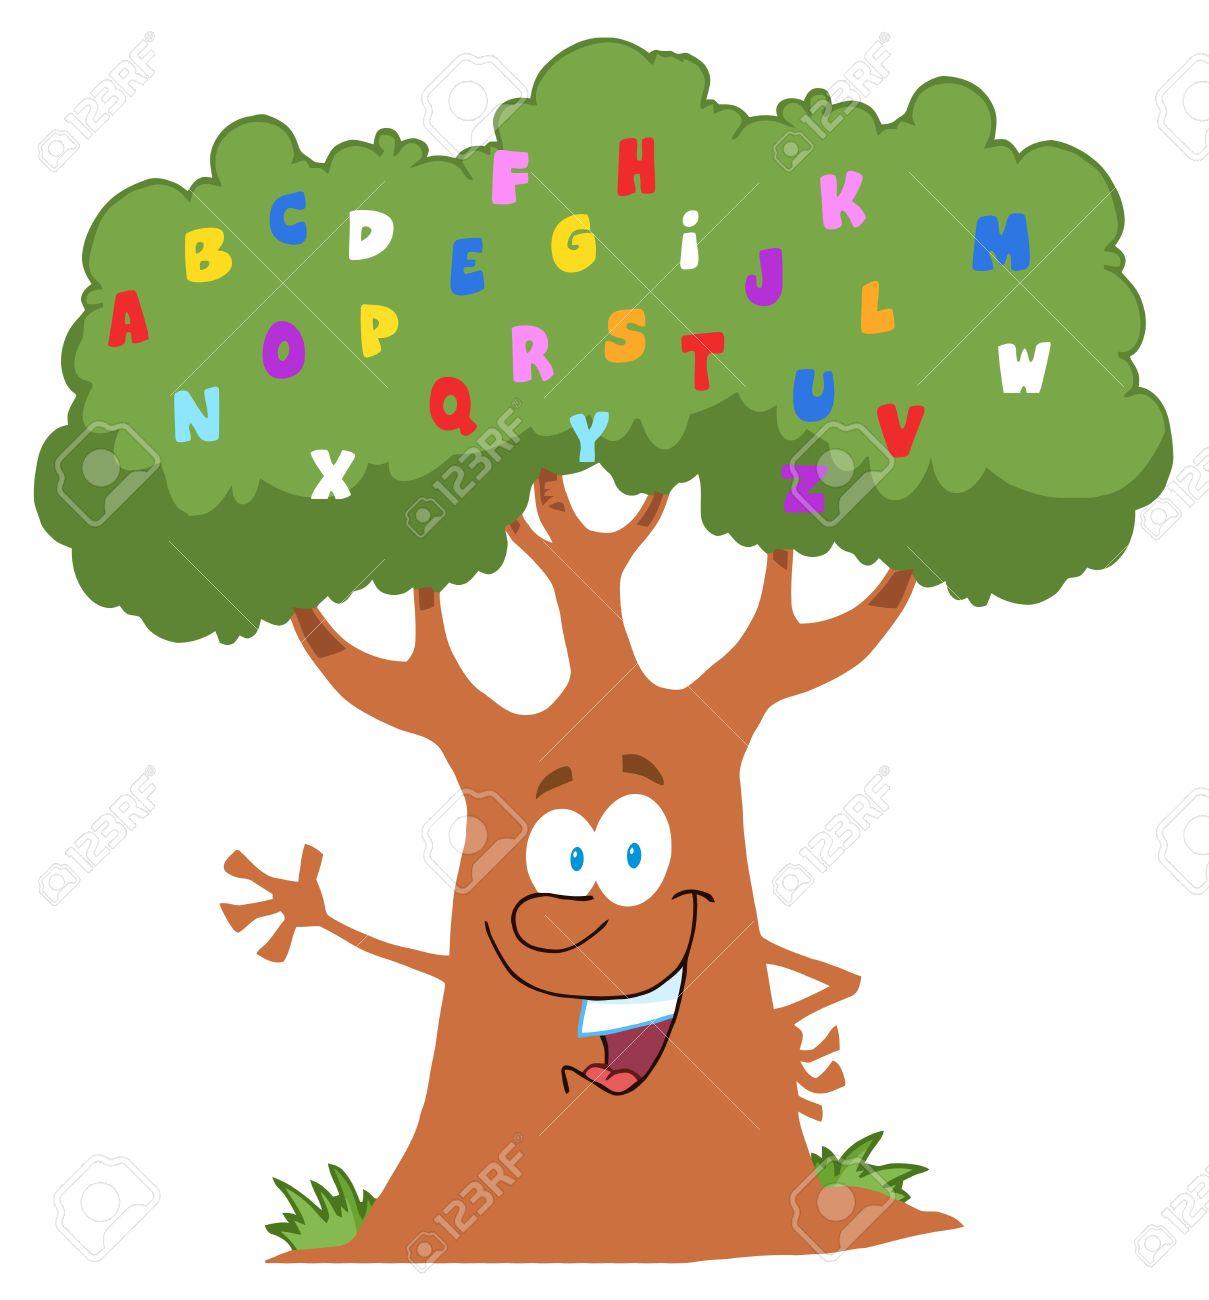 Happy Cartoon Tree Character With English Alphabet Stock Vector - 9634084